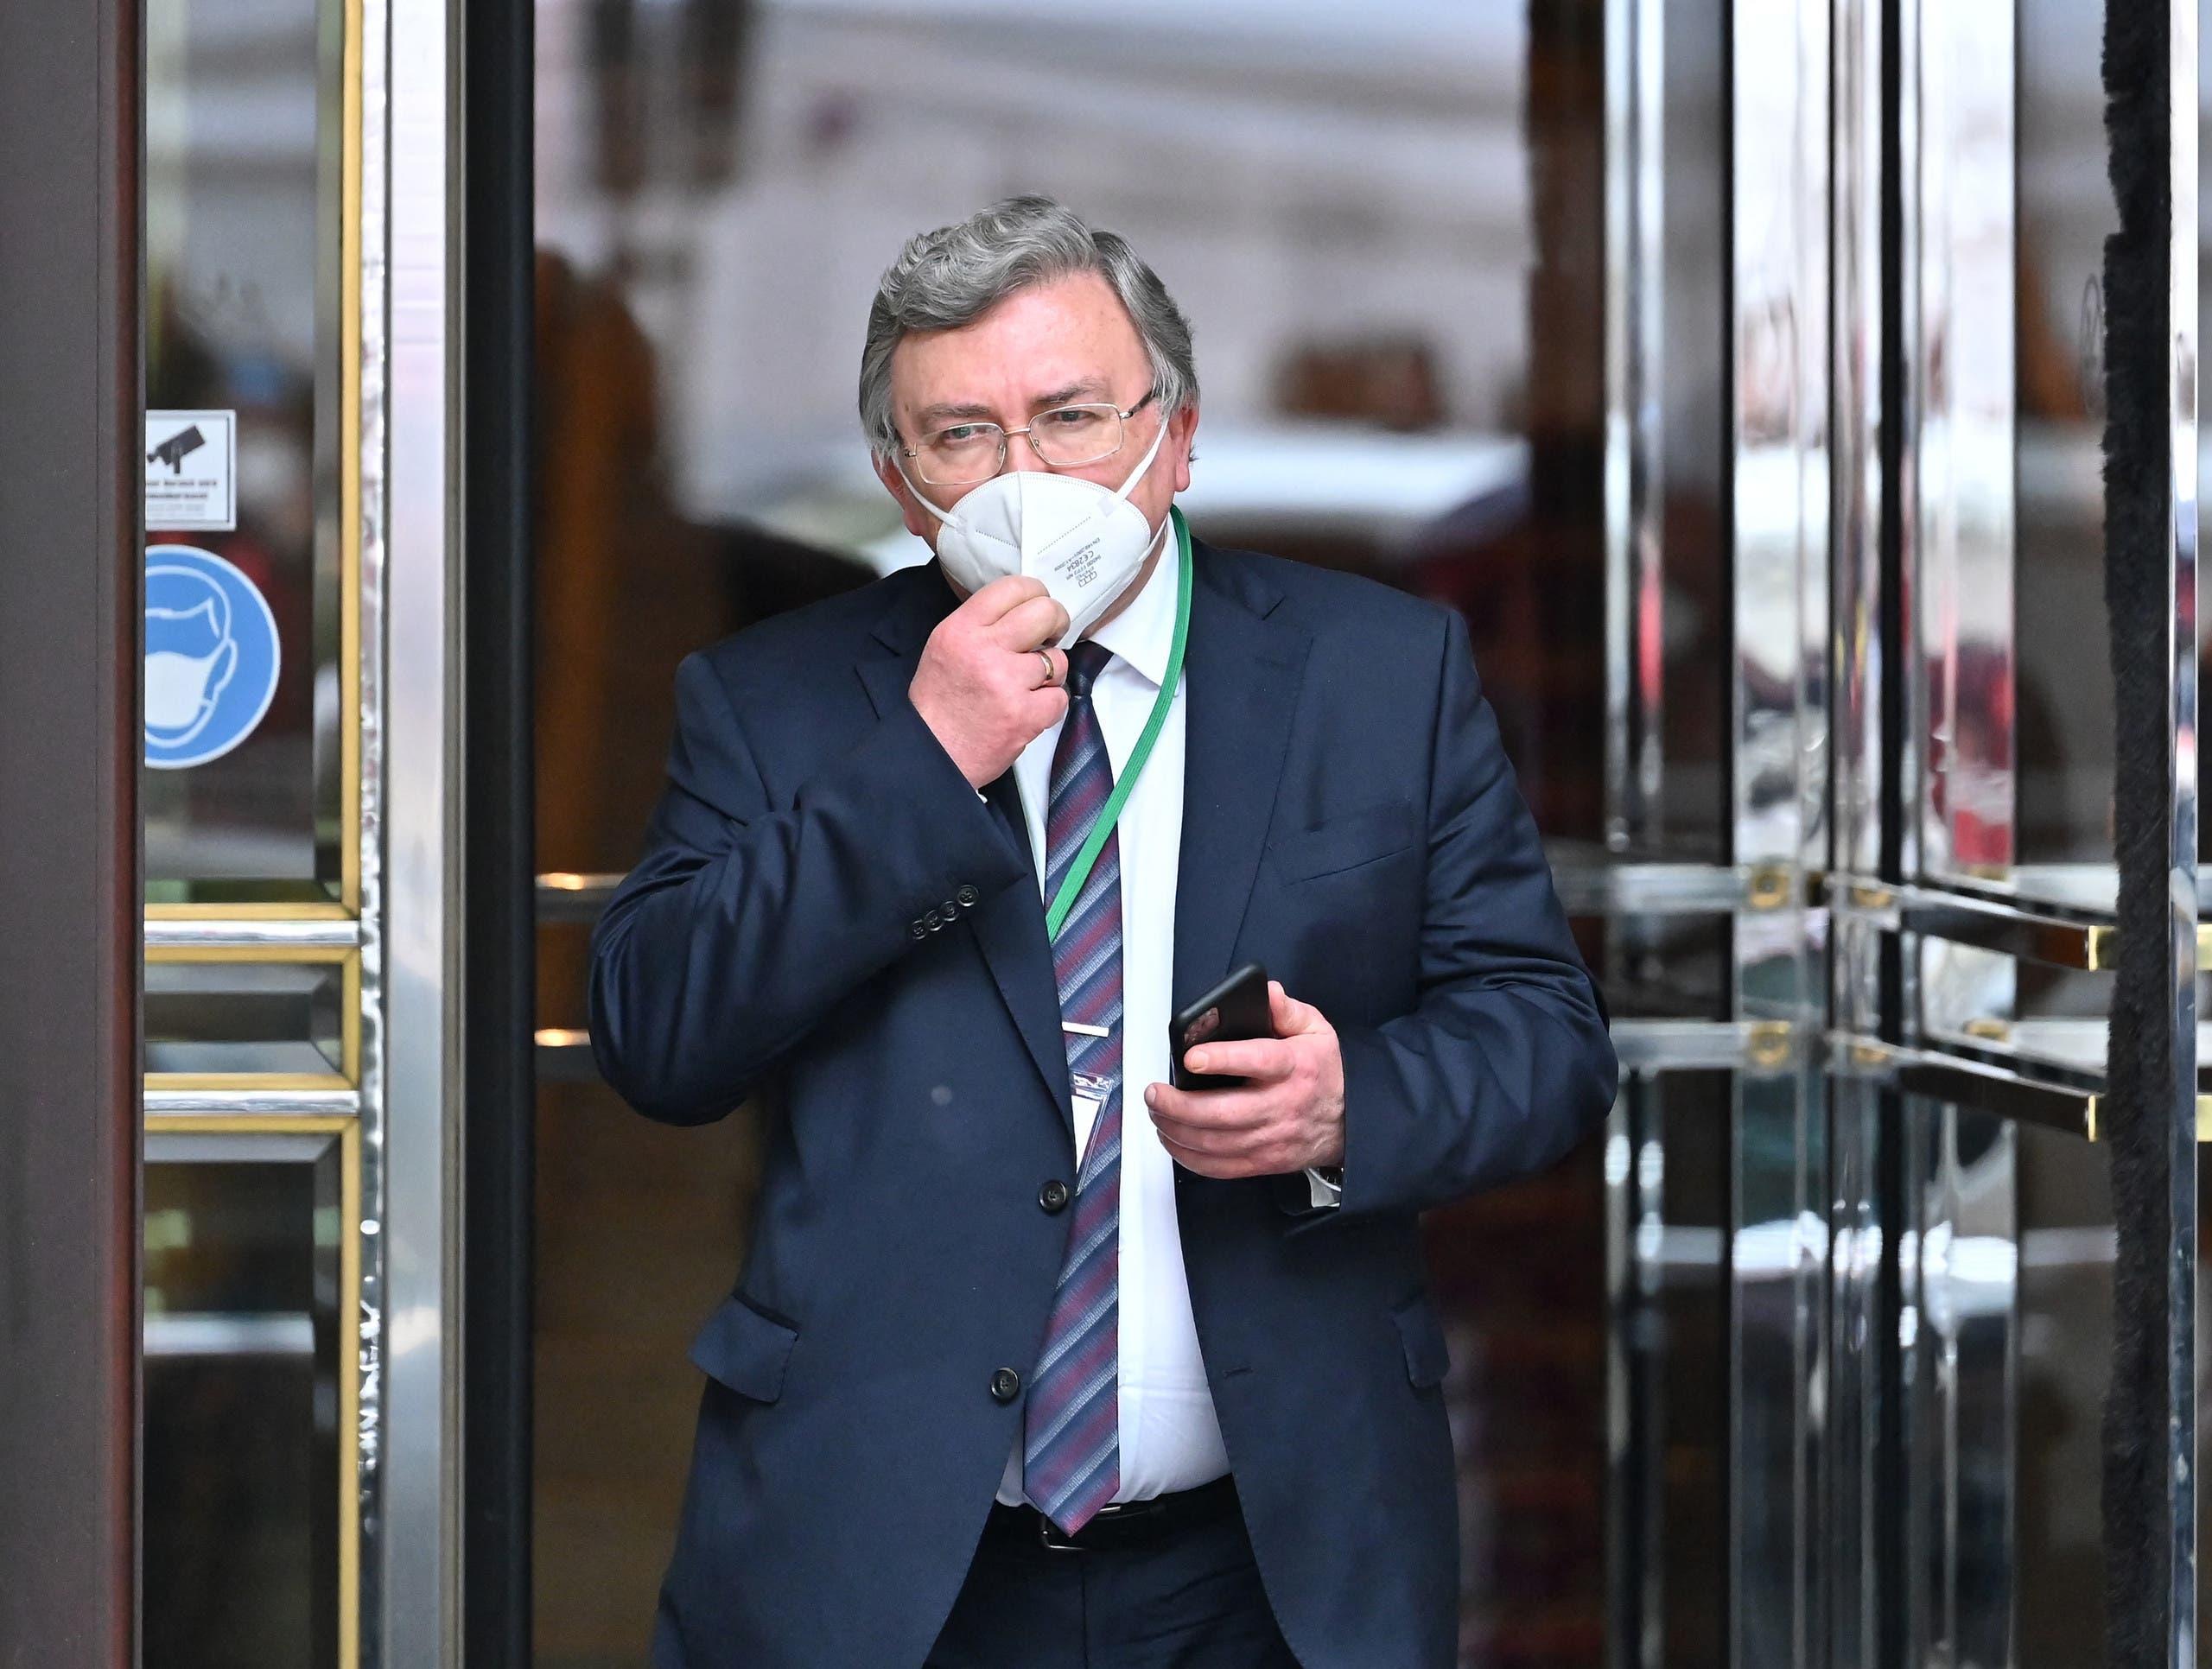 میخائیل اولیانوف ، نماینده دائمی روسیه در سازمان های بین المللی در وین (خبرگزاری فرانسه)